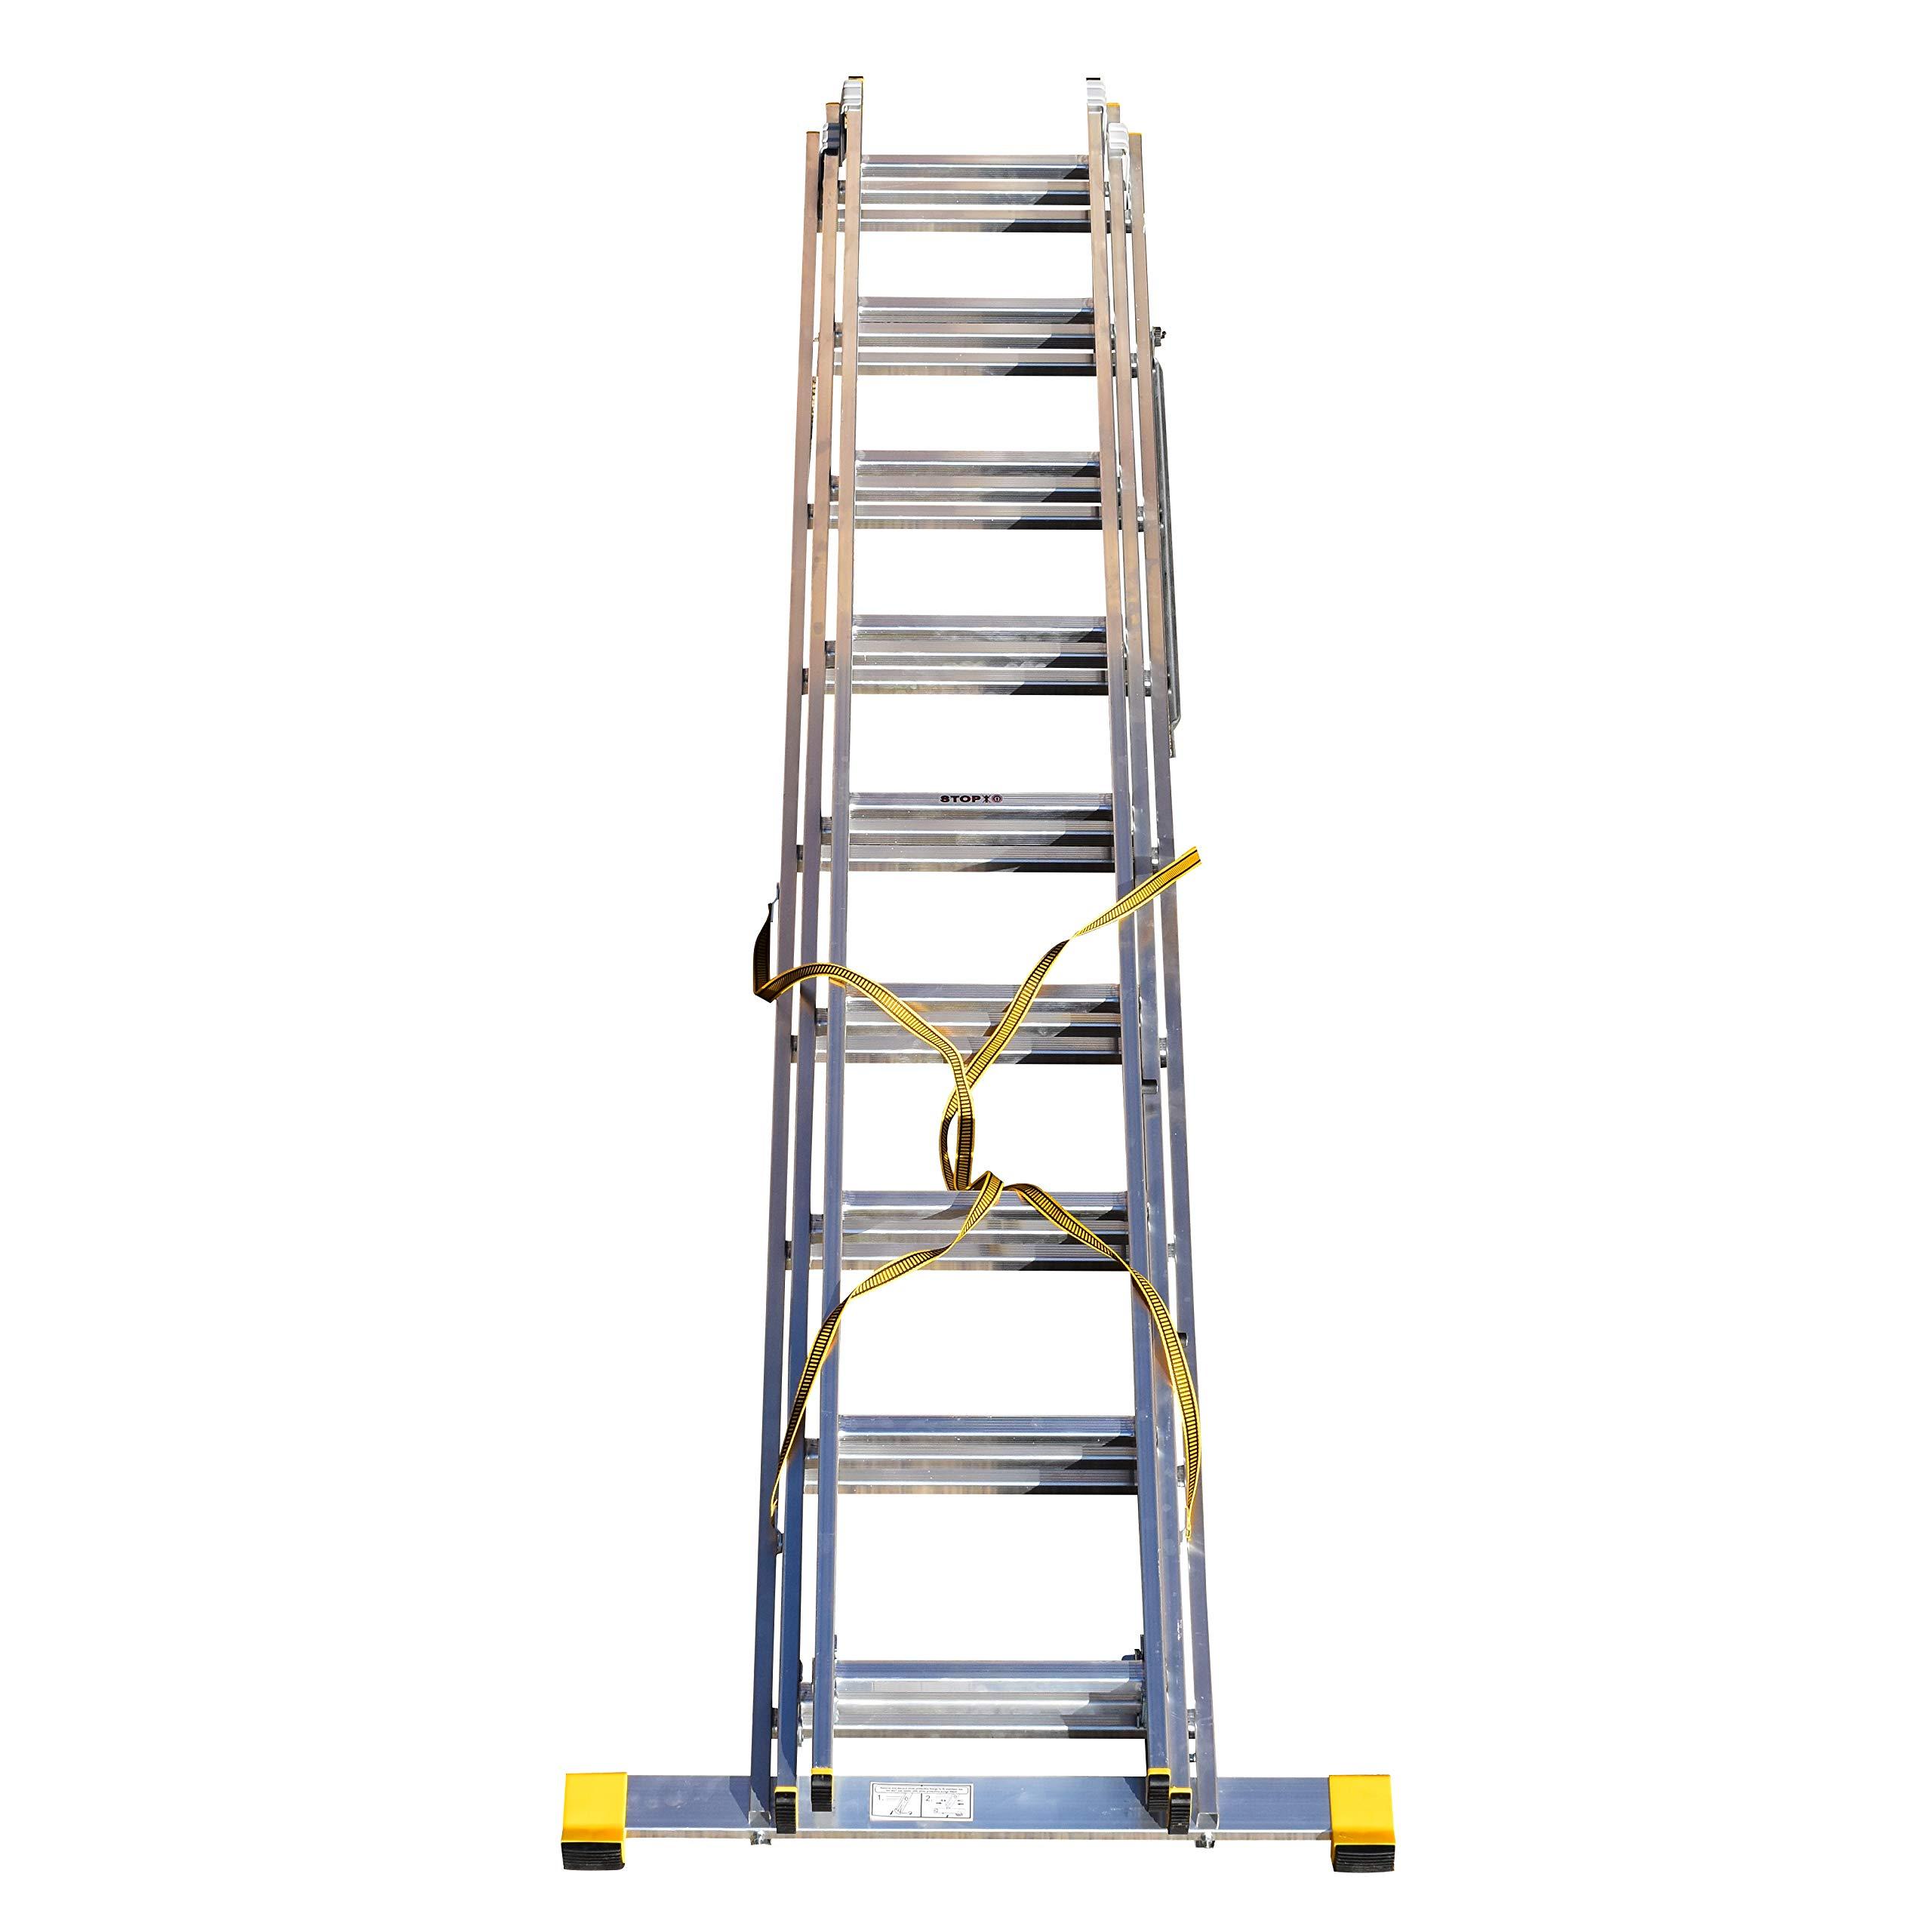 Escalera extensible de 3 secciones con estabilizador integral, 5,69 m: Amazon.es: Bricolaje y herramientas